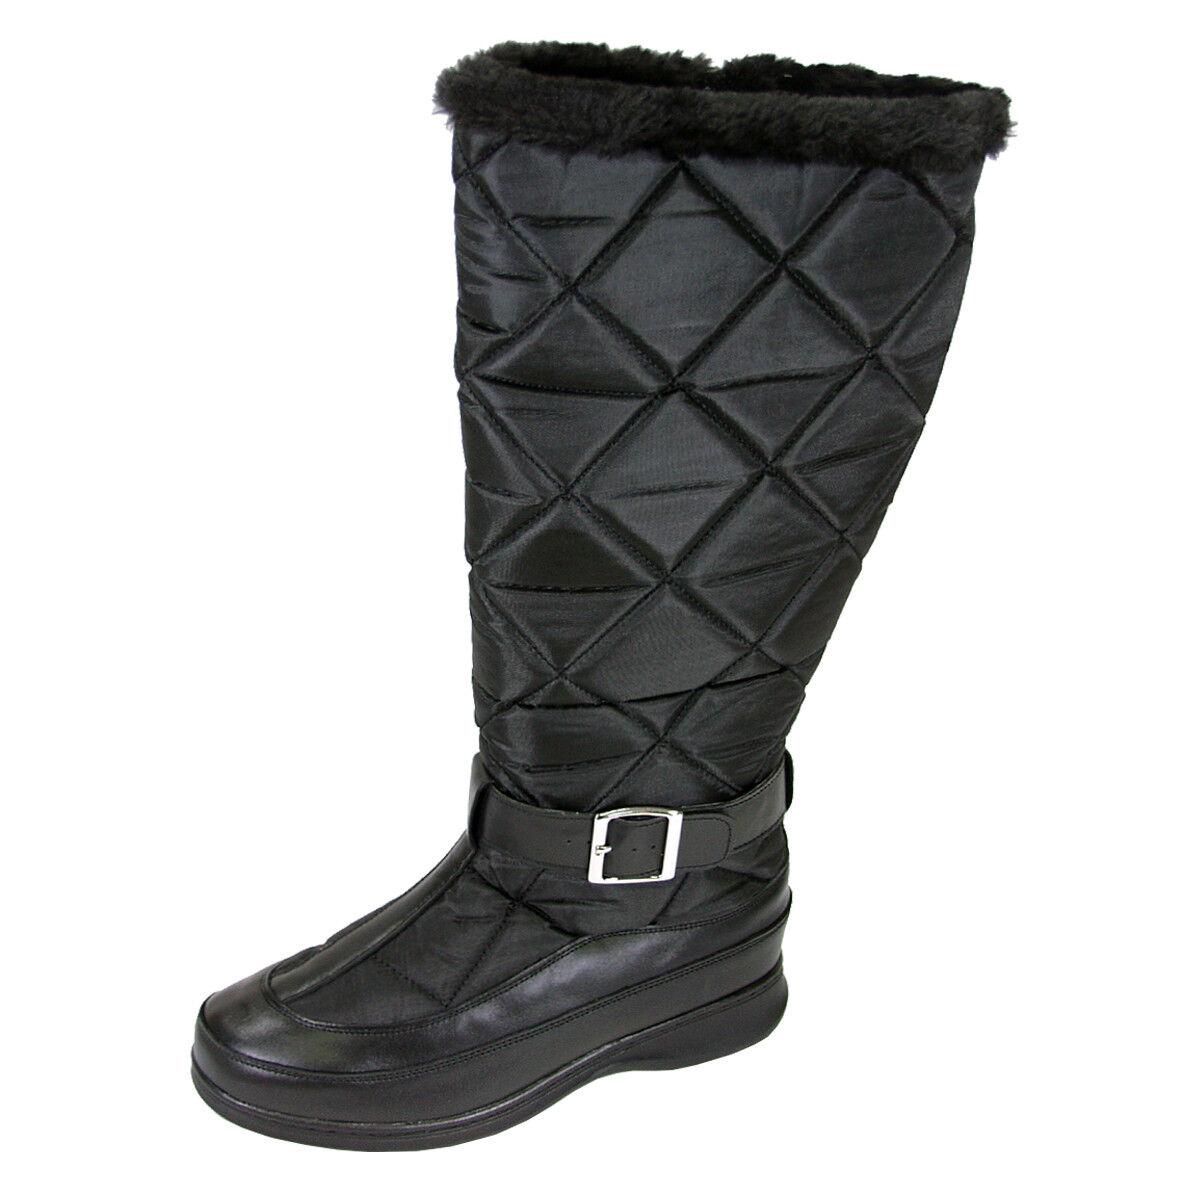 FIC PEERAGE Tammy Women Wide Width Leather/Nylon Inner Fleece High Boot